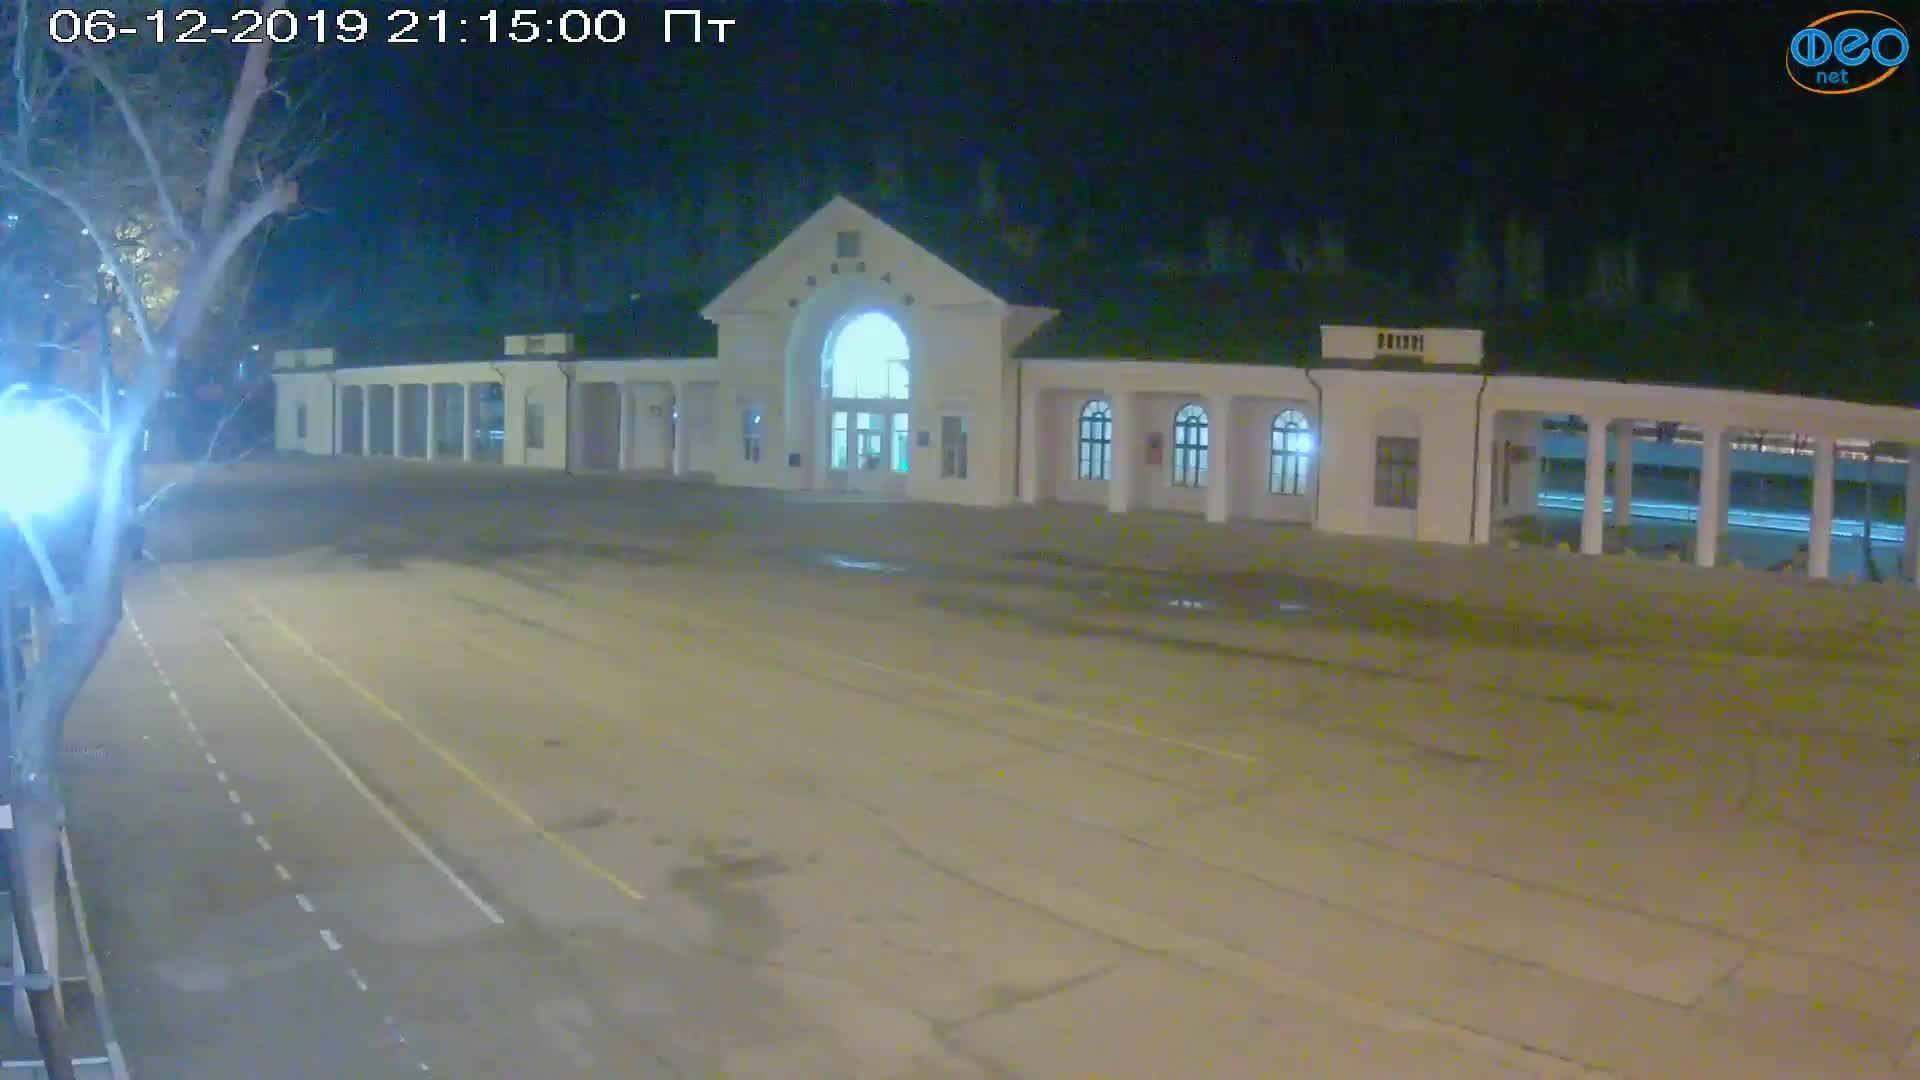 Веб-камеры Феодосии, Привокзальная площадь, 2019-12-06 21:15:22